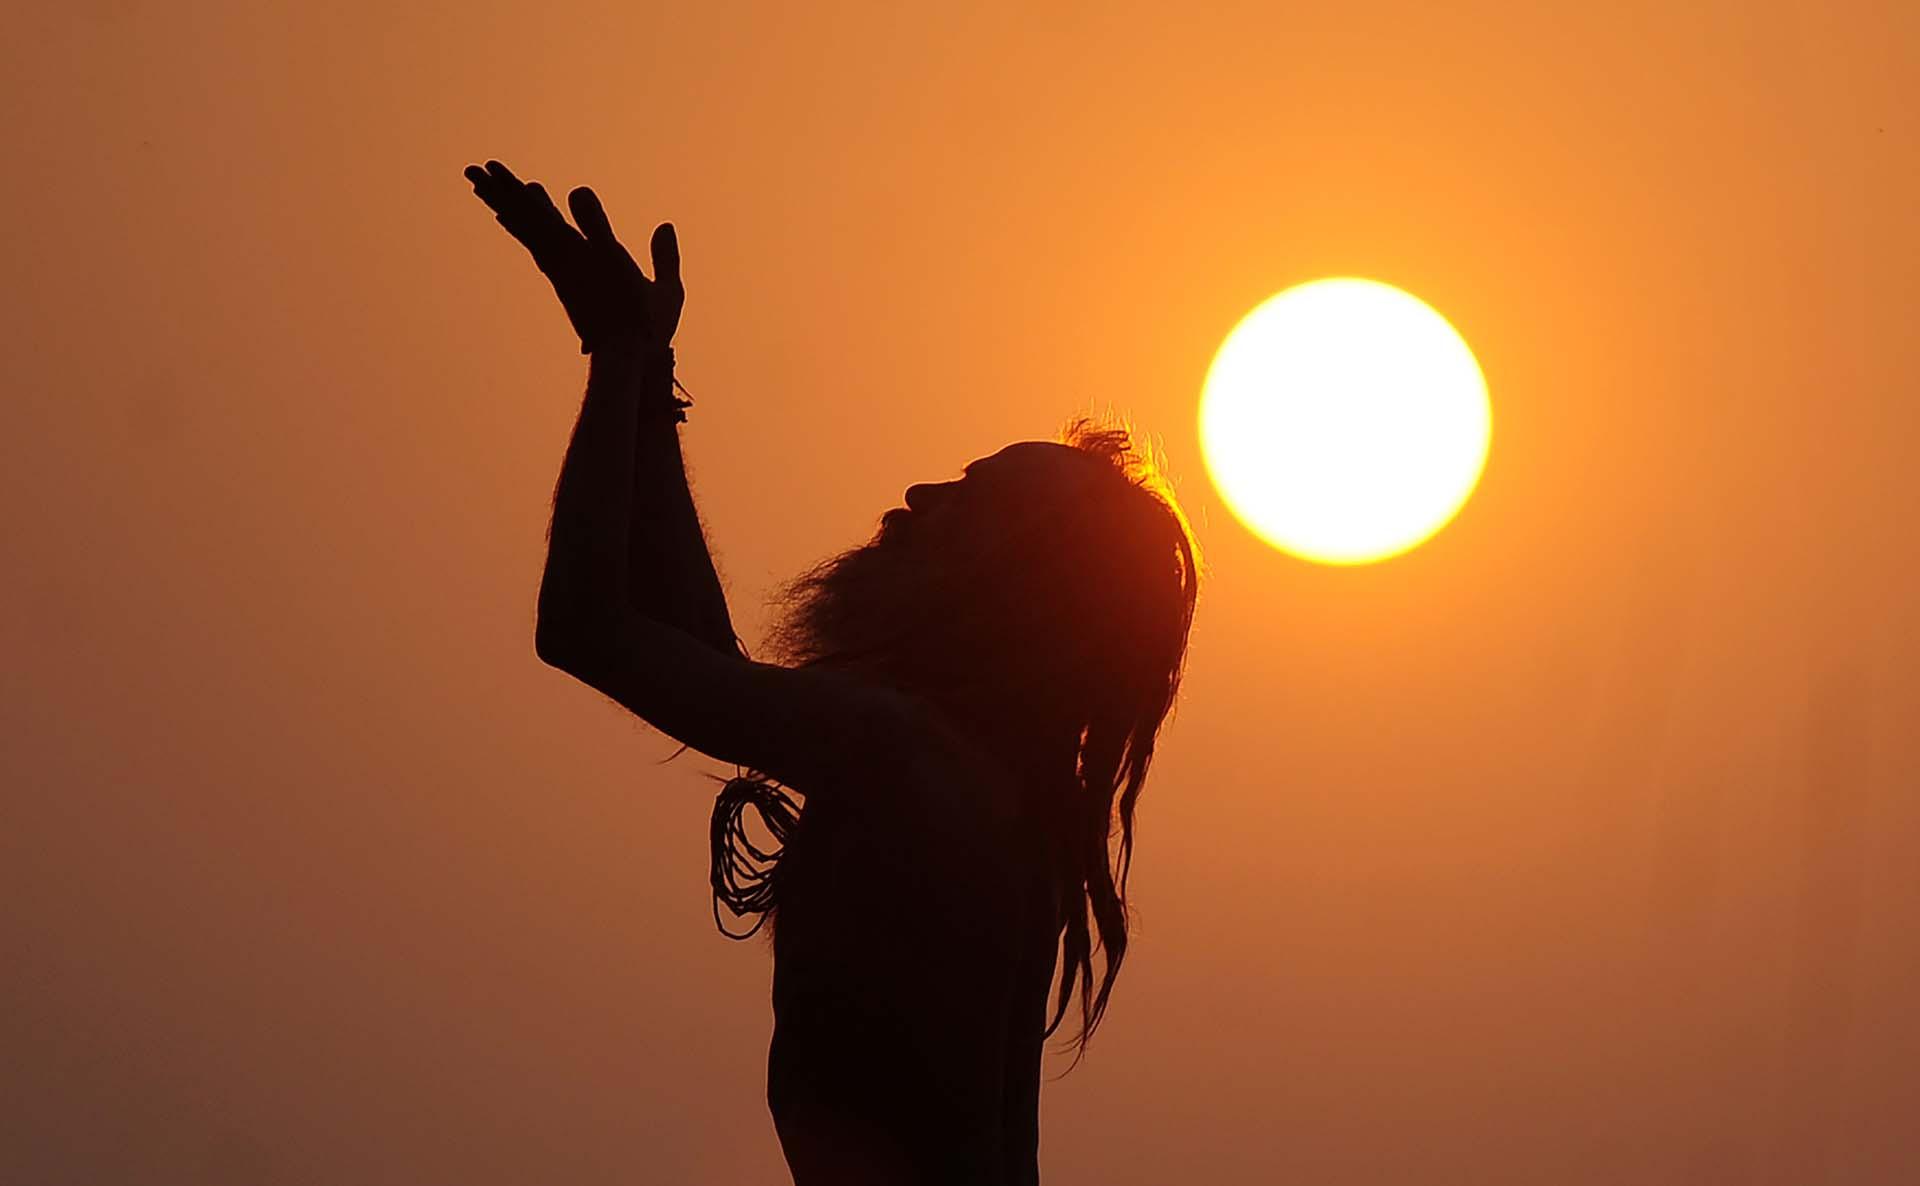 Un sadhu indio – hombre santo – realiza el yoga en la salida del sol, en Dashashwamedh Ghat en Varanasi